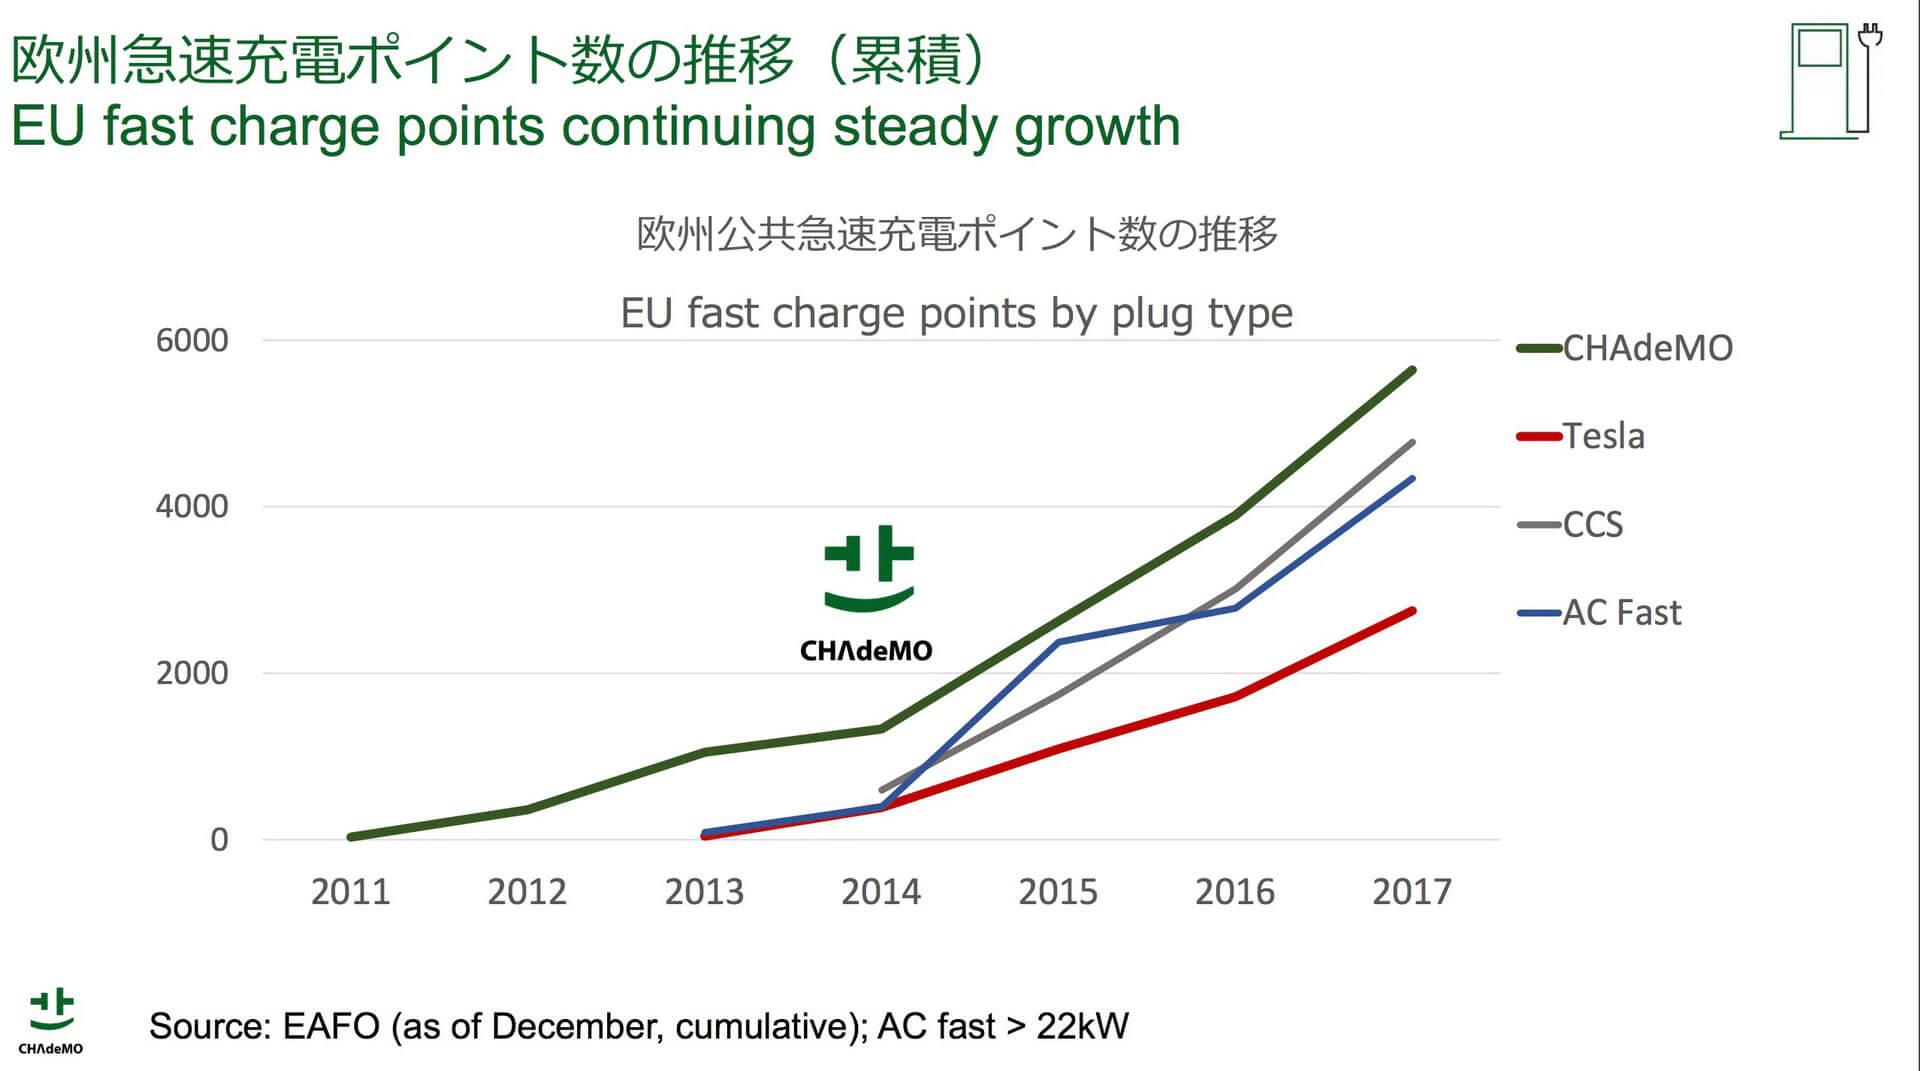 График количественного роста станций разных стандартов